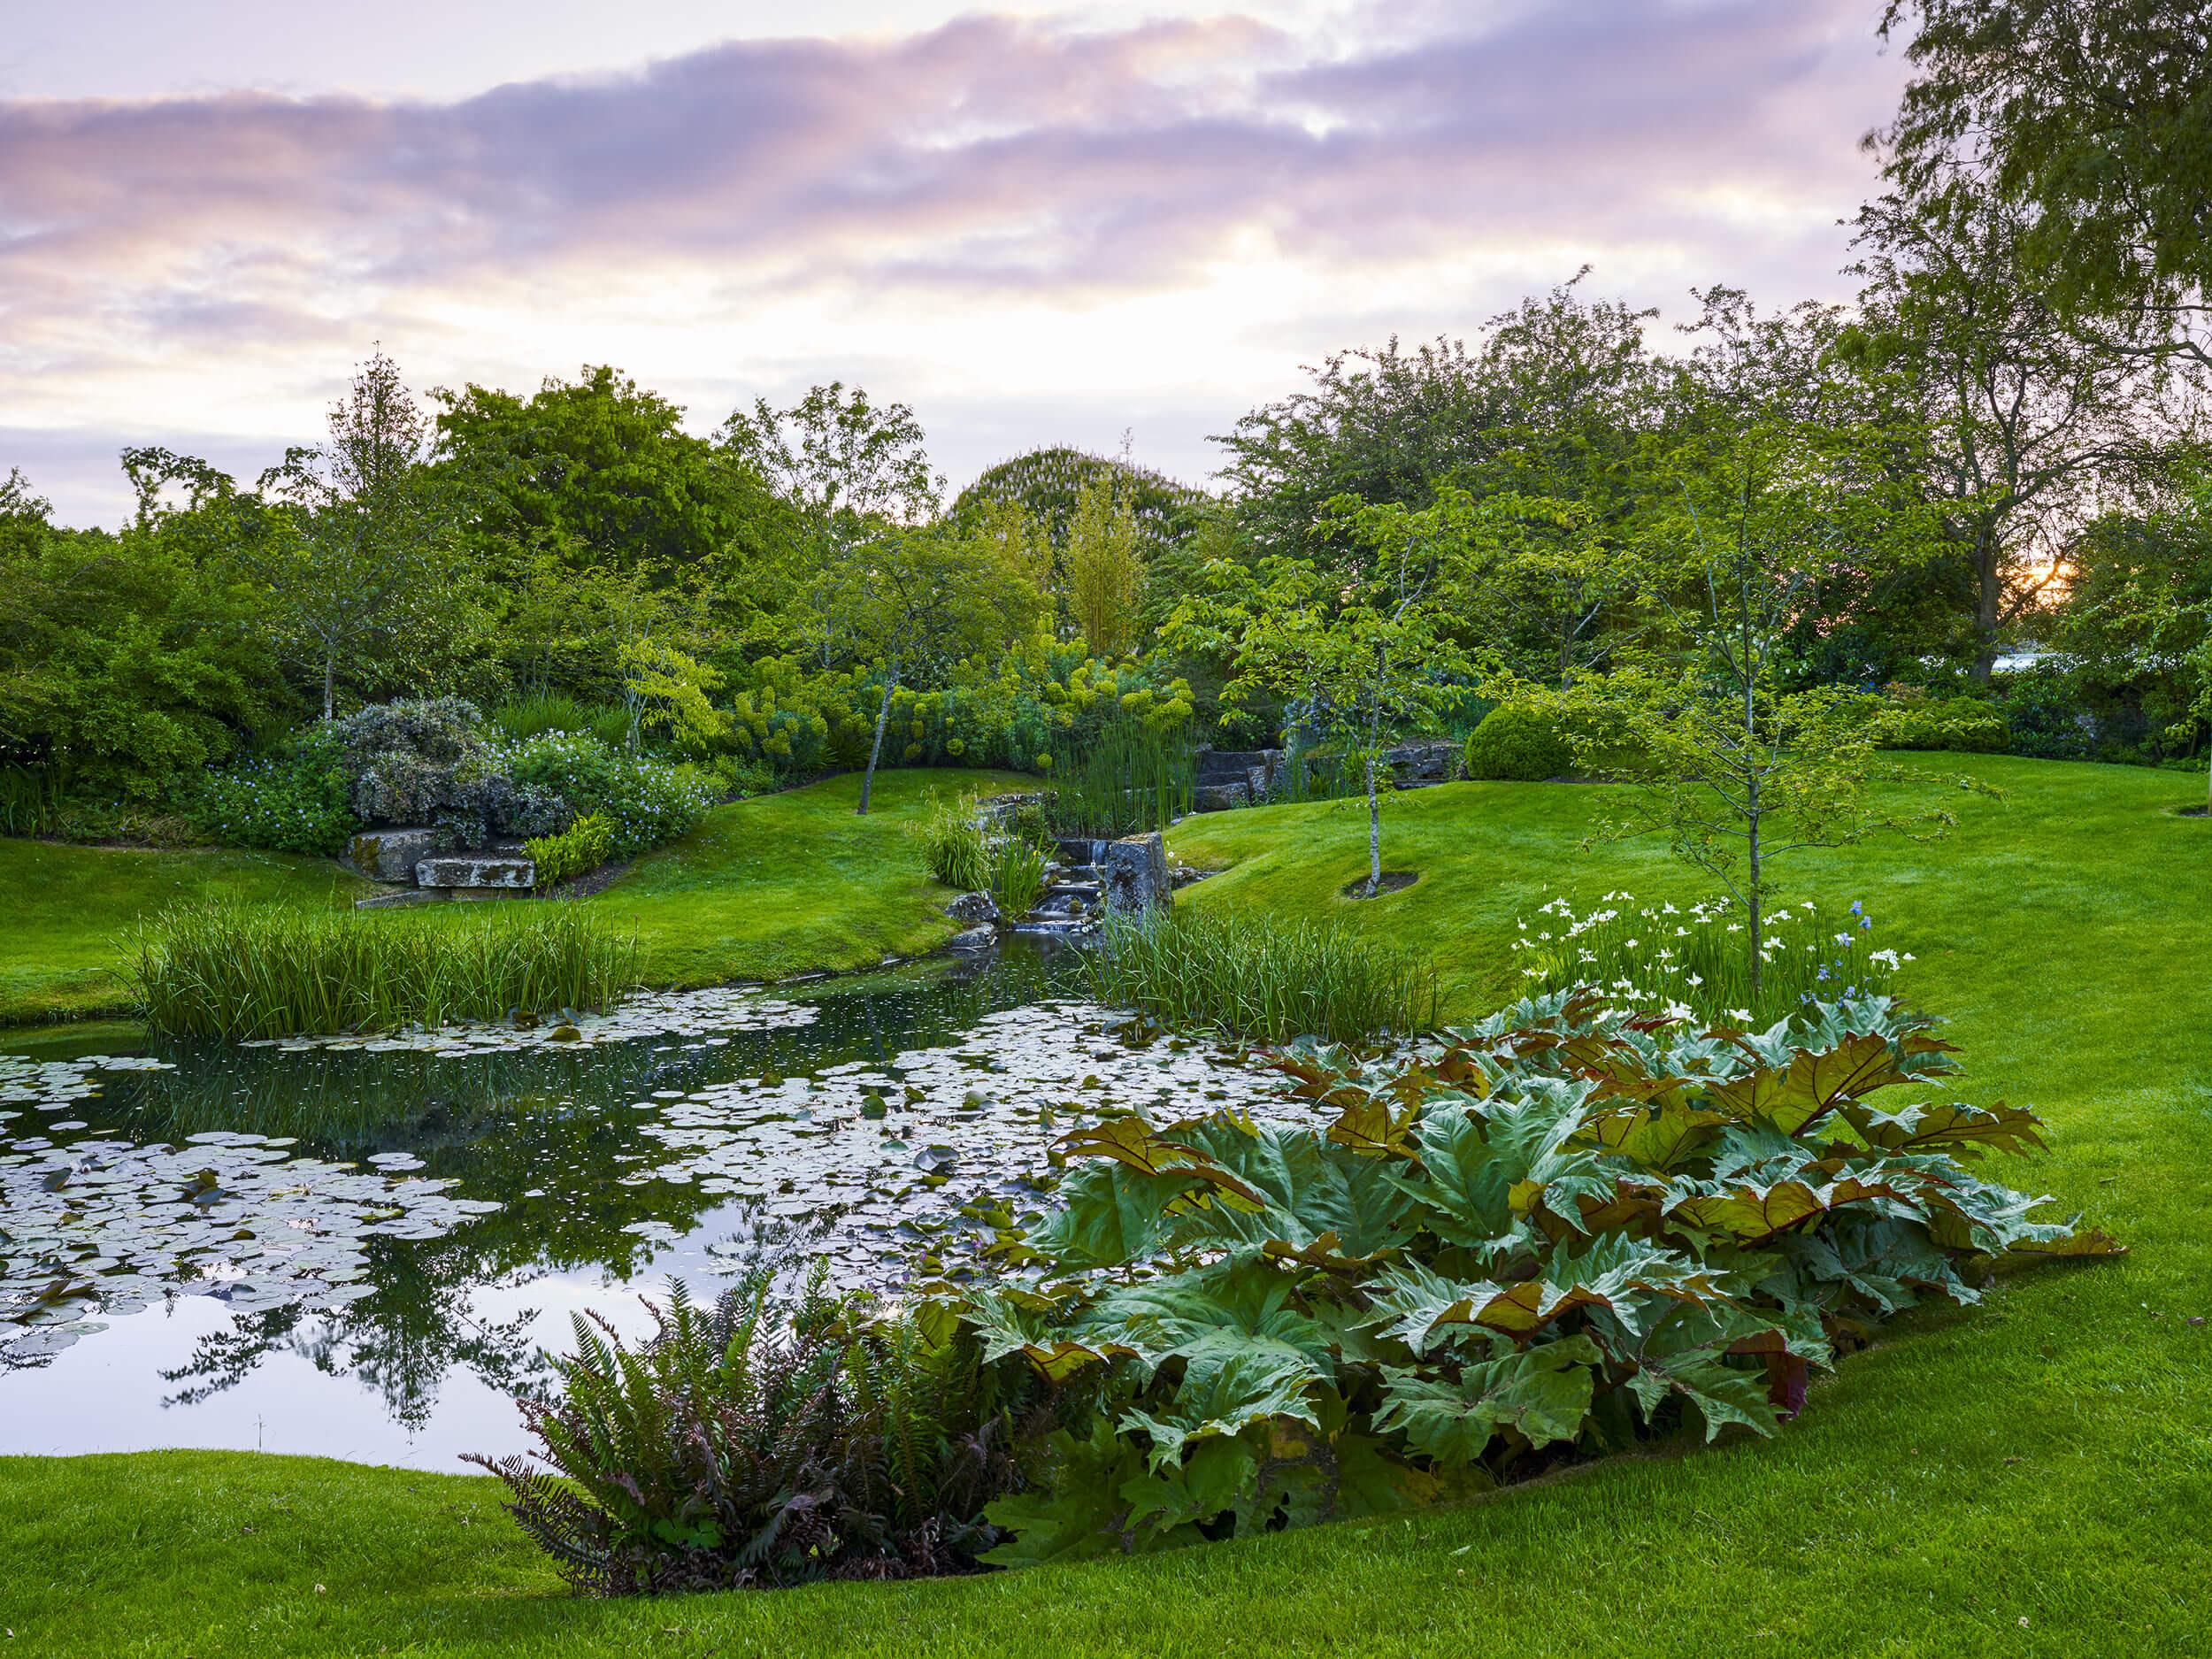 Garden in Berkshire